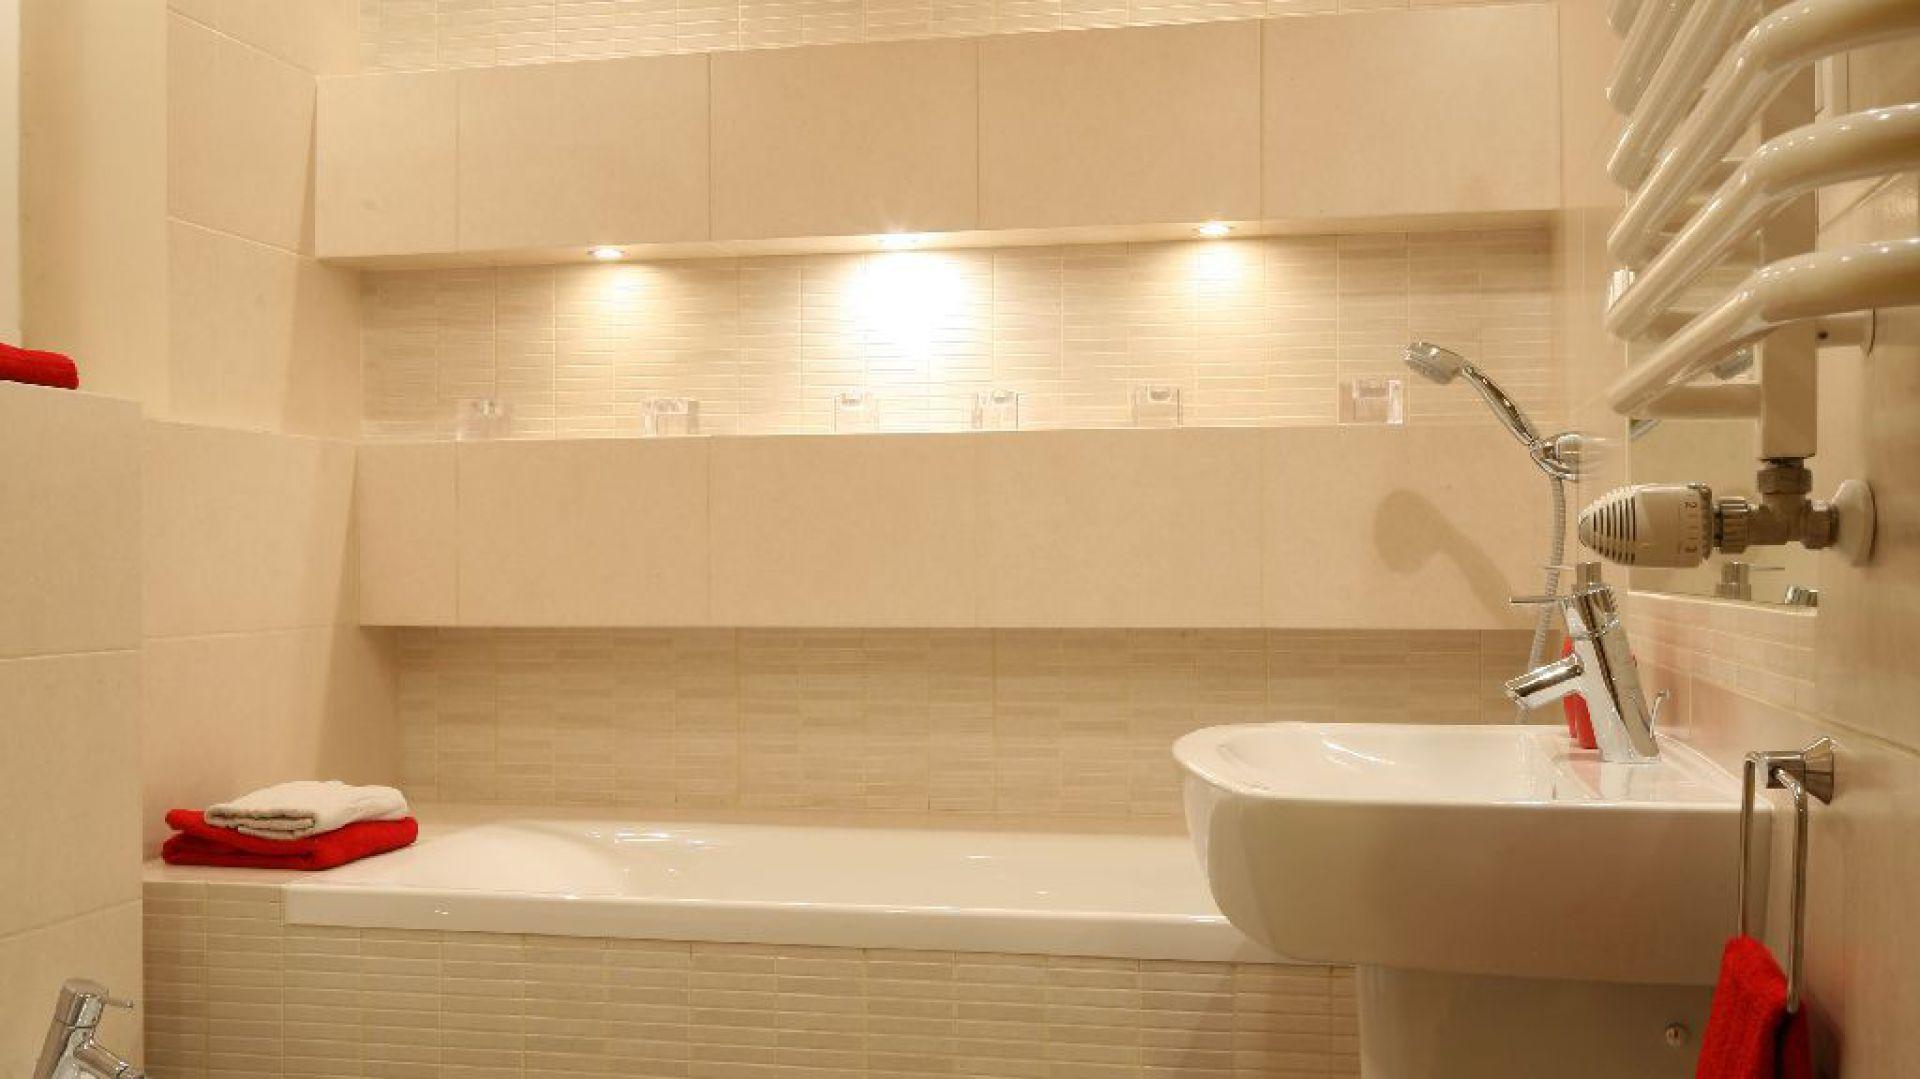 Łazienka jest jasna i spokojna. Czerwone dodatki stylistycznie spajają ją z pozostałymi elementami mieszkania. Wyposażenie: umywalka Cersanit / bateria Hansgrohe / wc, bidet Cersanit. Fot. Bartosz Jarosz.